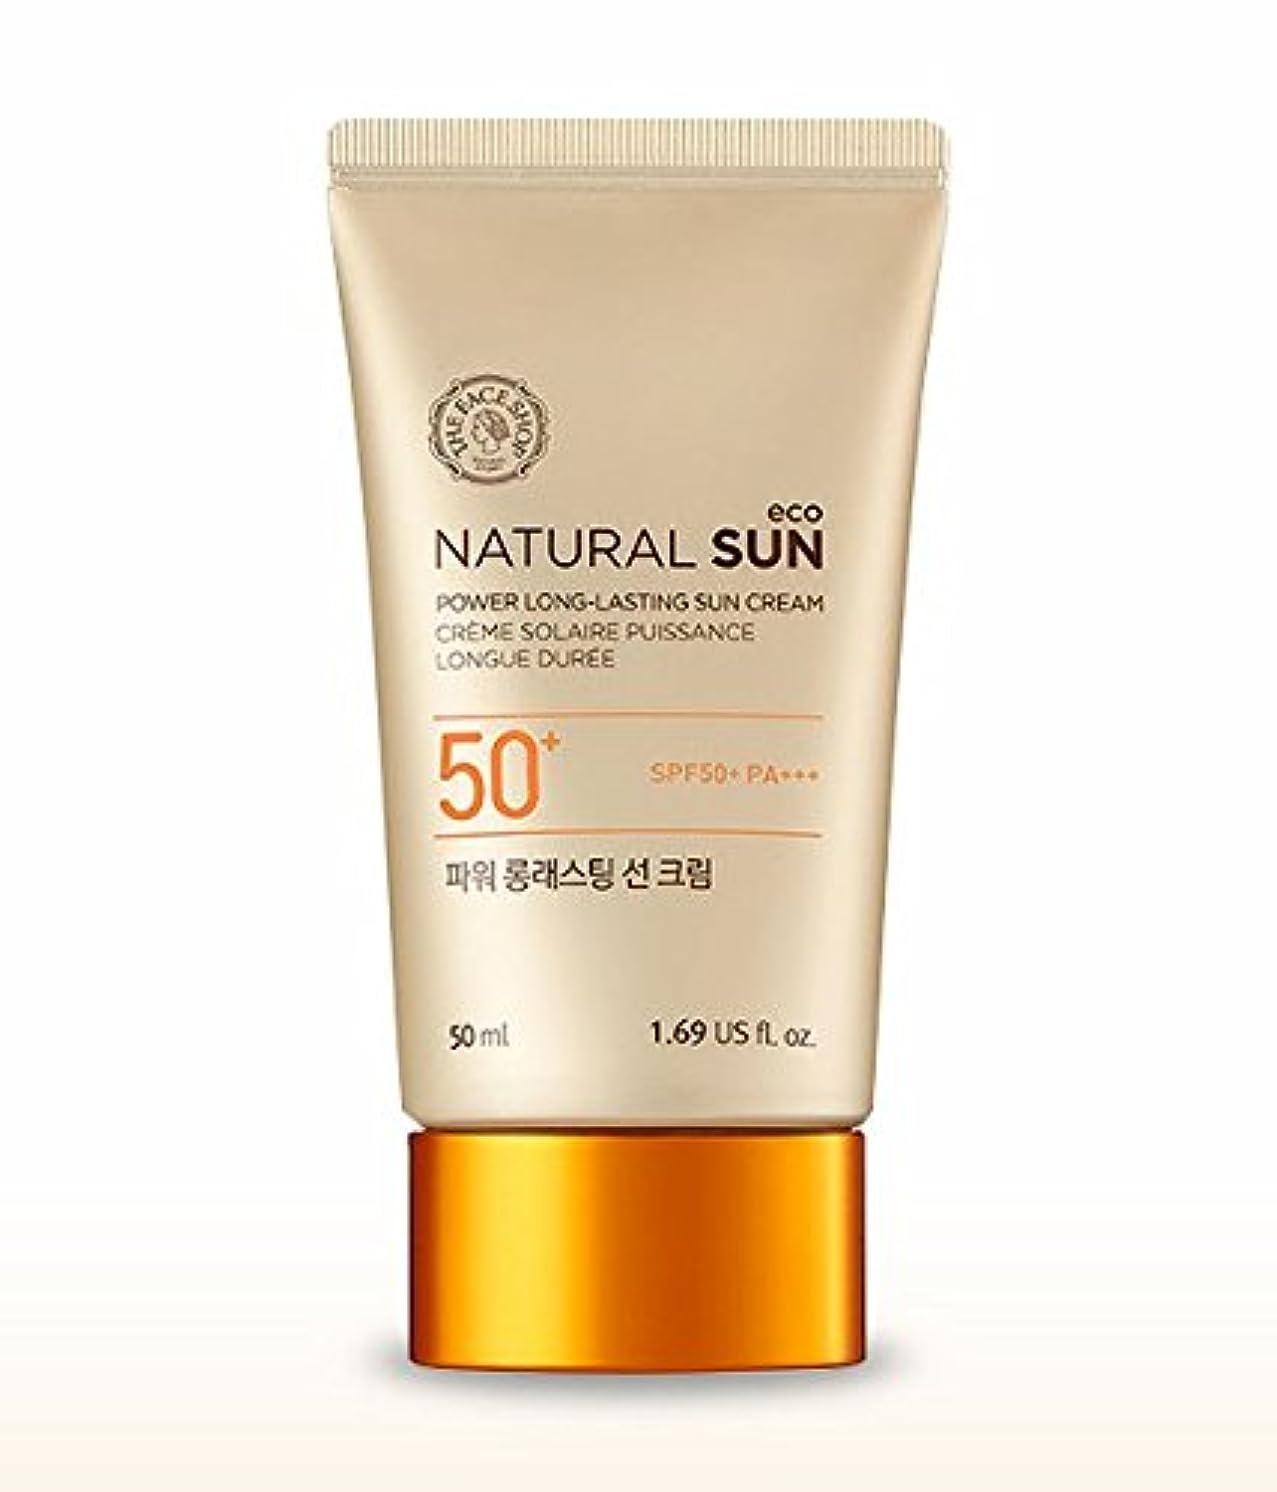 文芸聞く感じTHE FACE SHOP Natural Sun Eco Power Long Lasting Sun Cream 50mlザフェイスショップ ナチュラルサンパワーロングラスティングサンクリーム [並行輸入品]